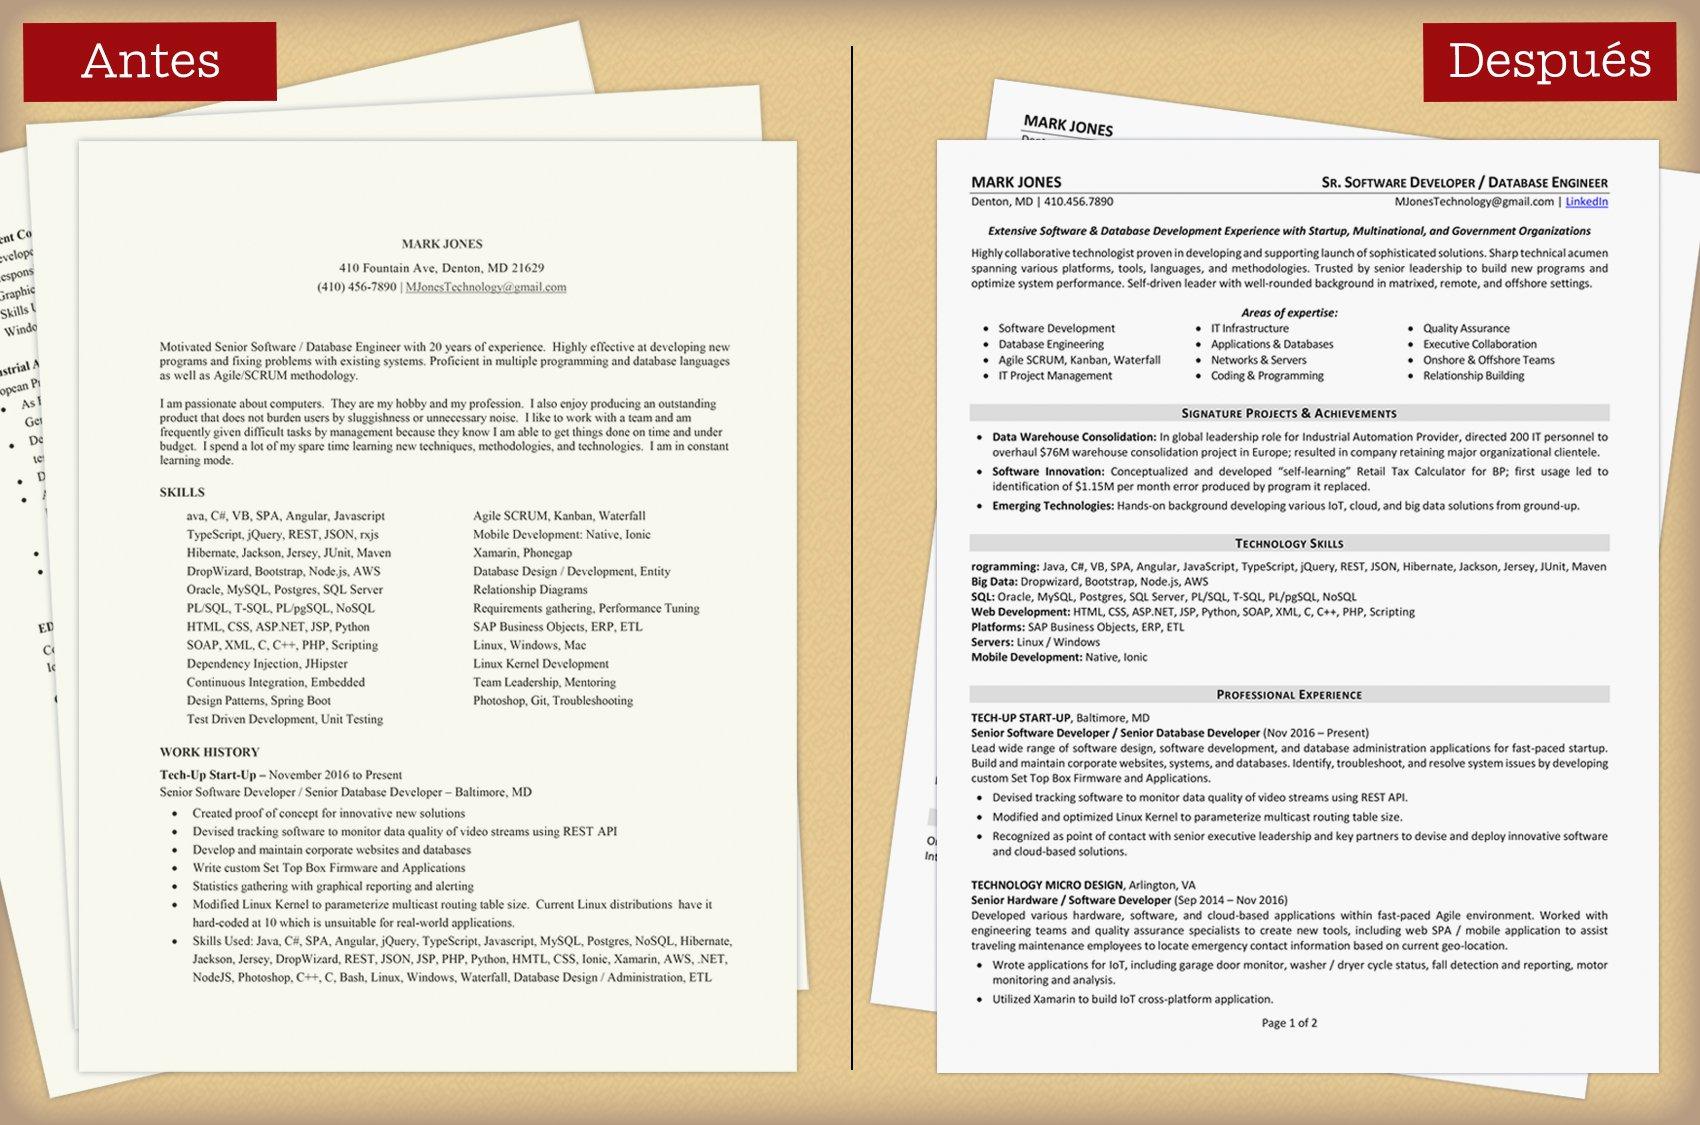 Ejemplos de una hoja de vida antes y después de revisada.